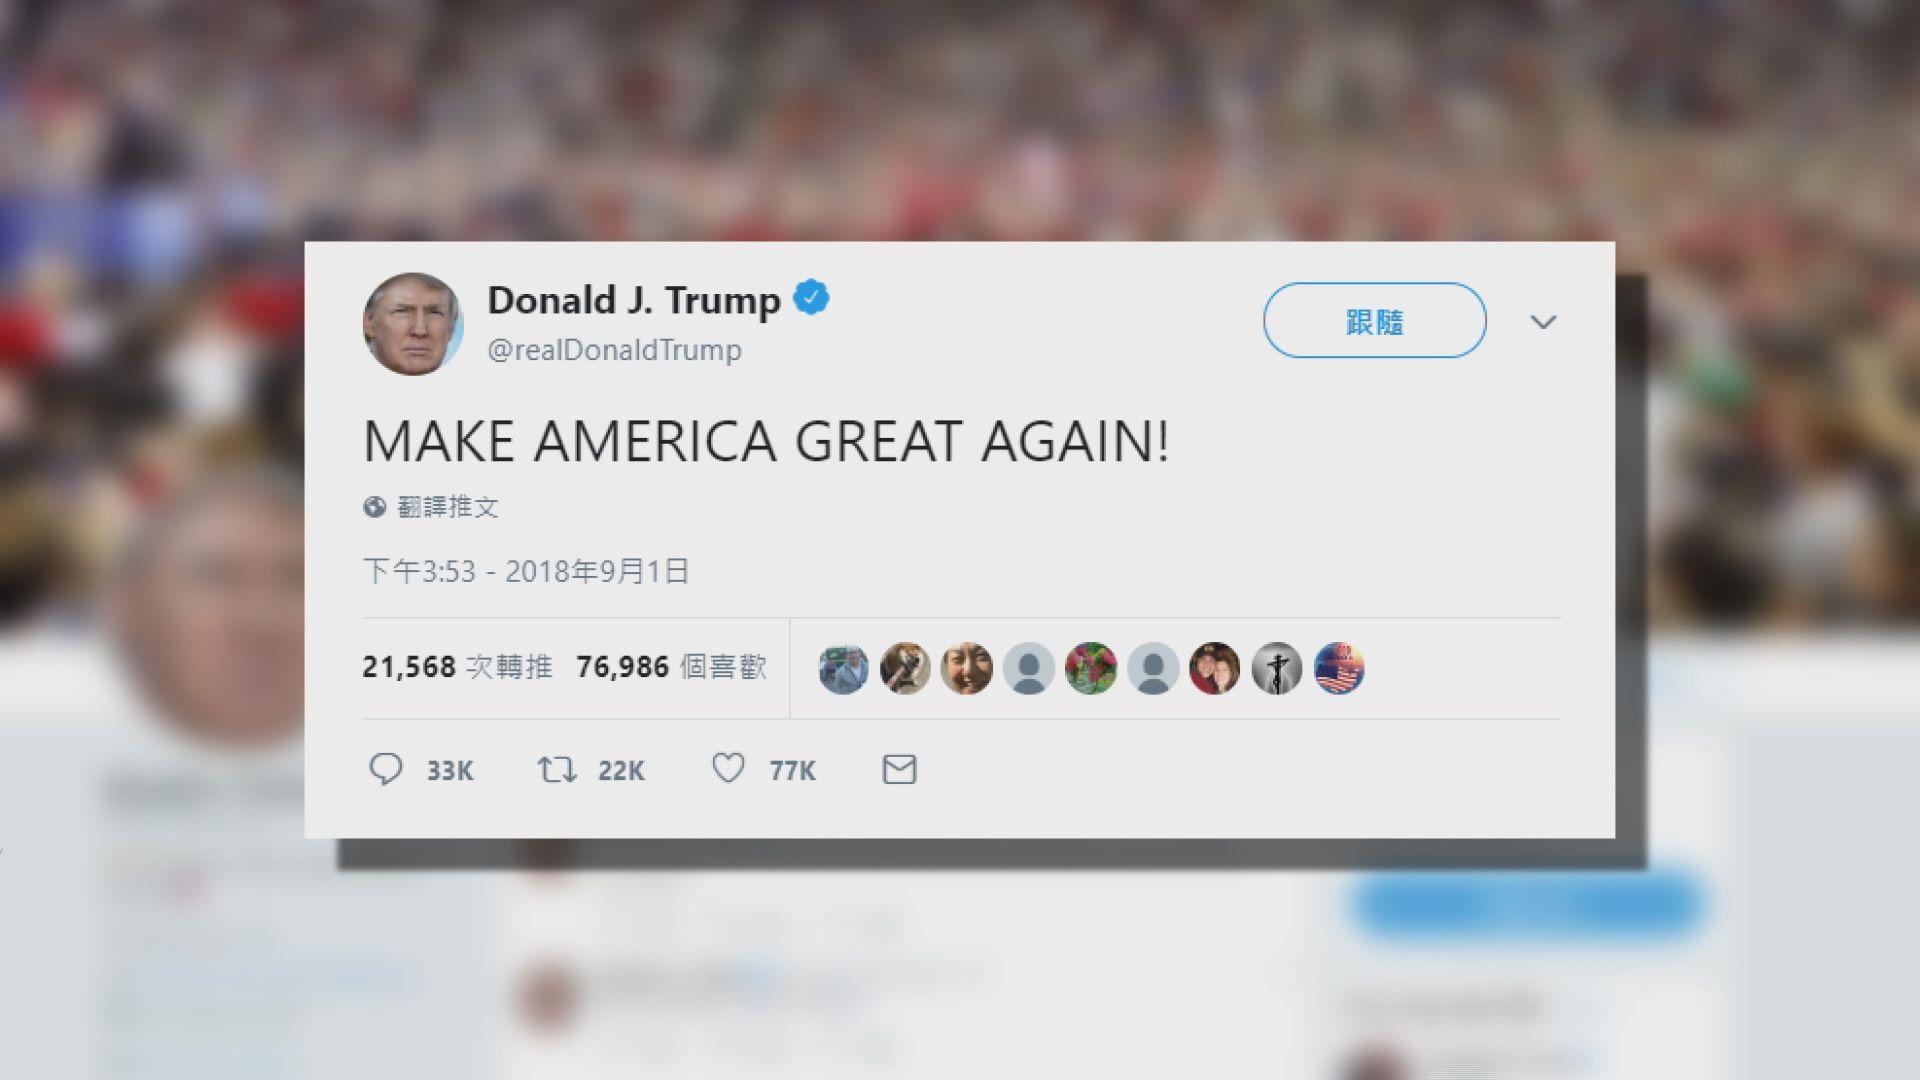 特朗普重申要讓美國再次強大